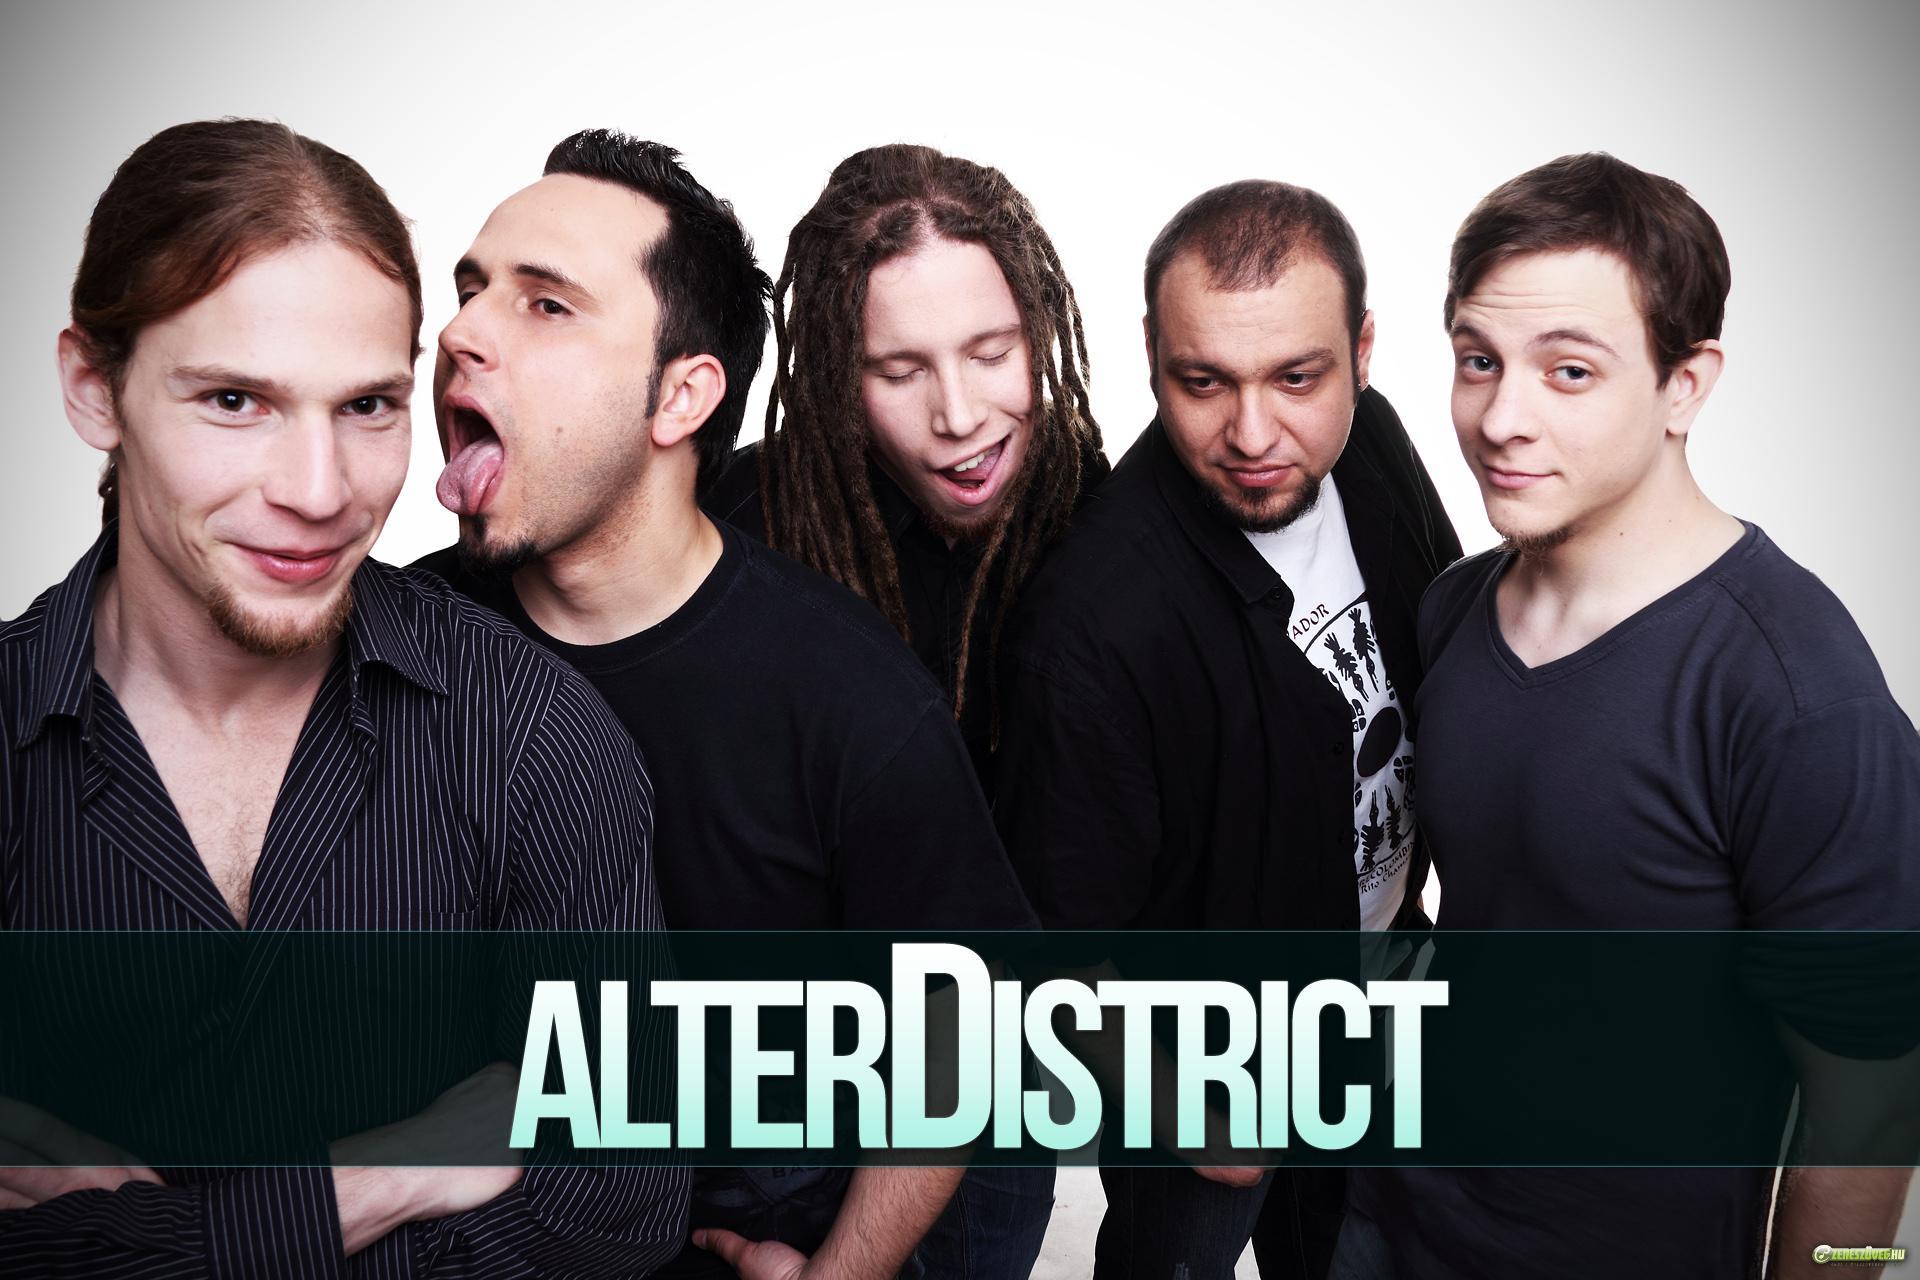 alterDistrict